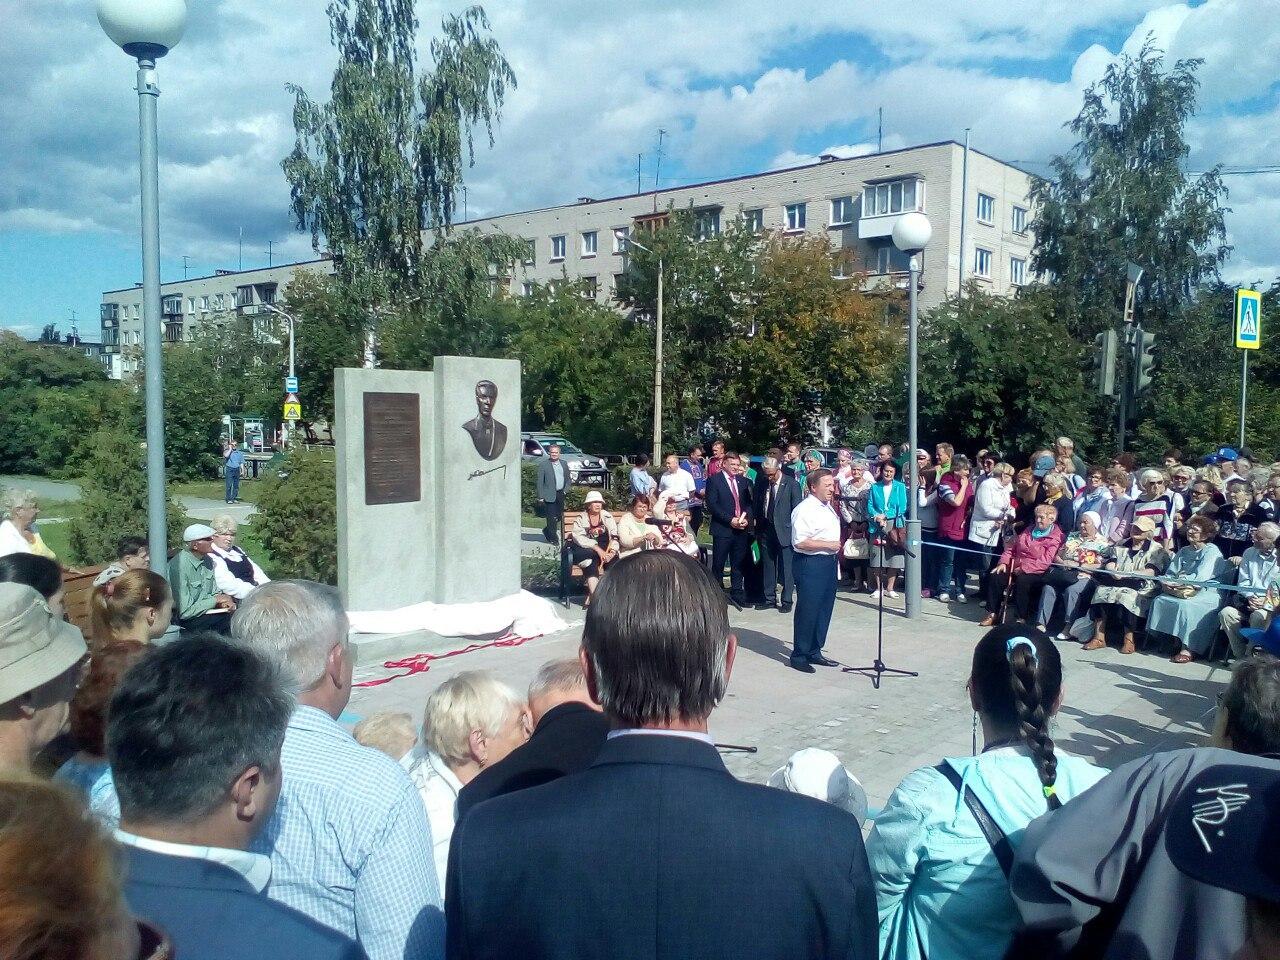 Обновленный бульвар имени Н.М. Фоменко